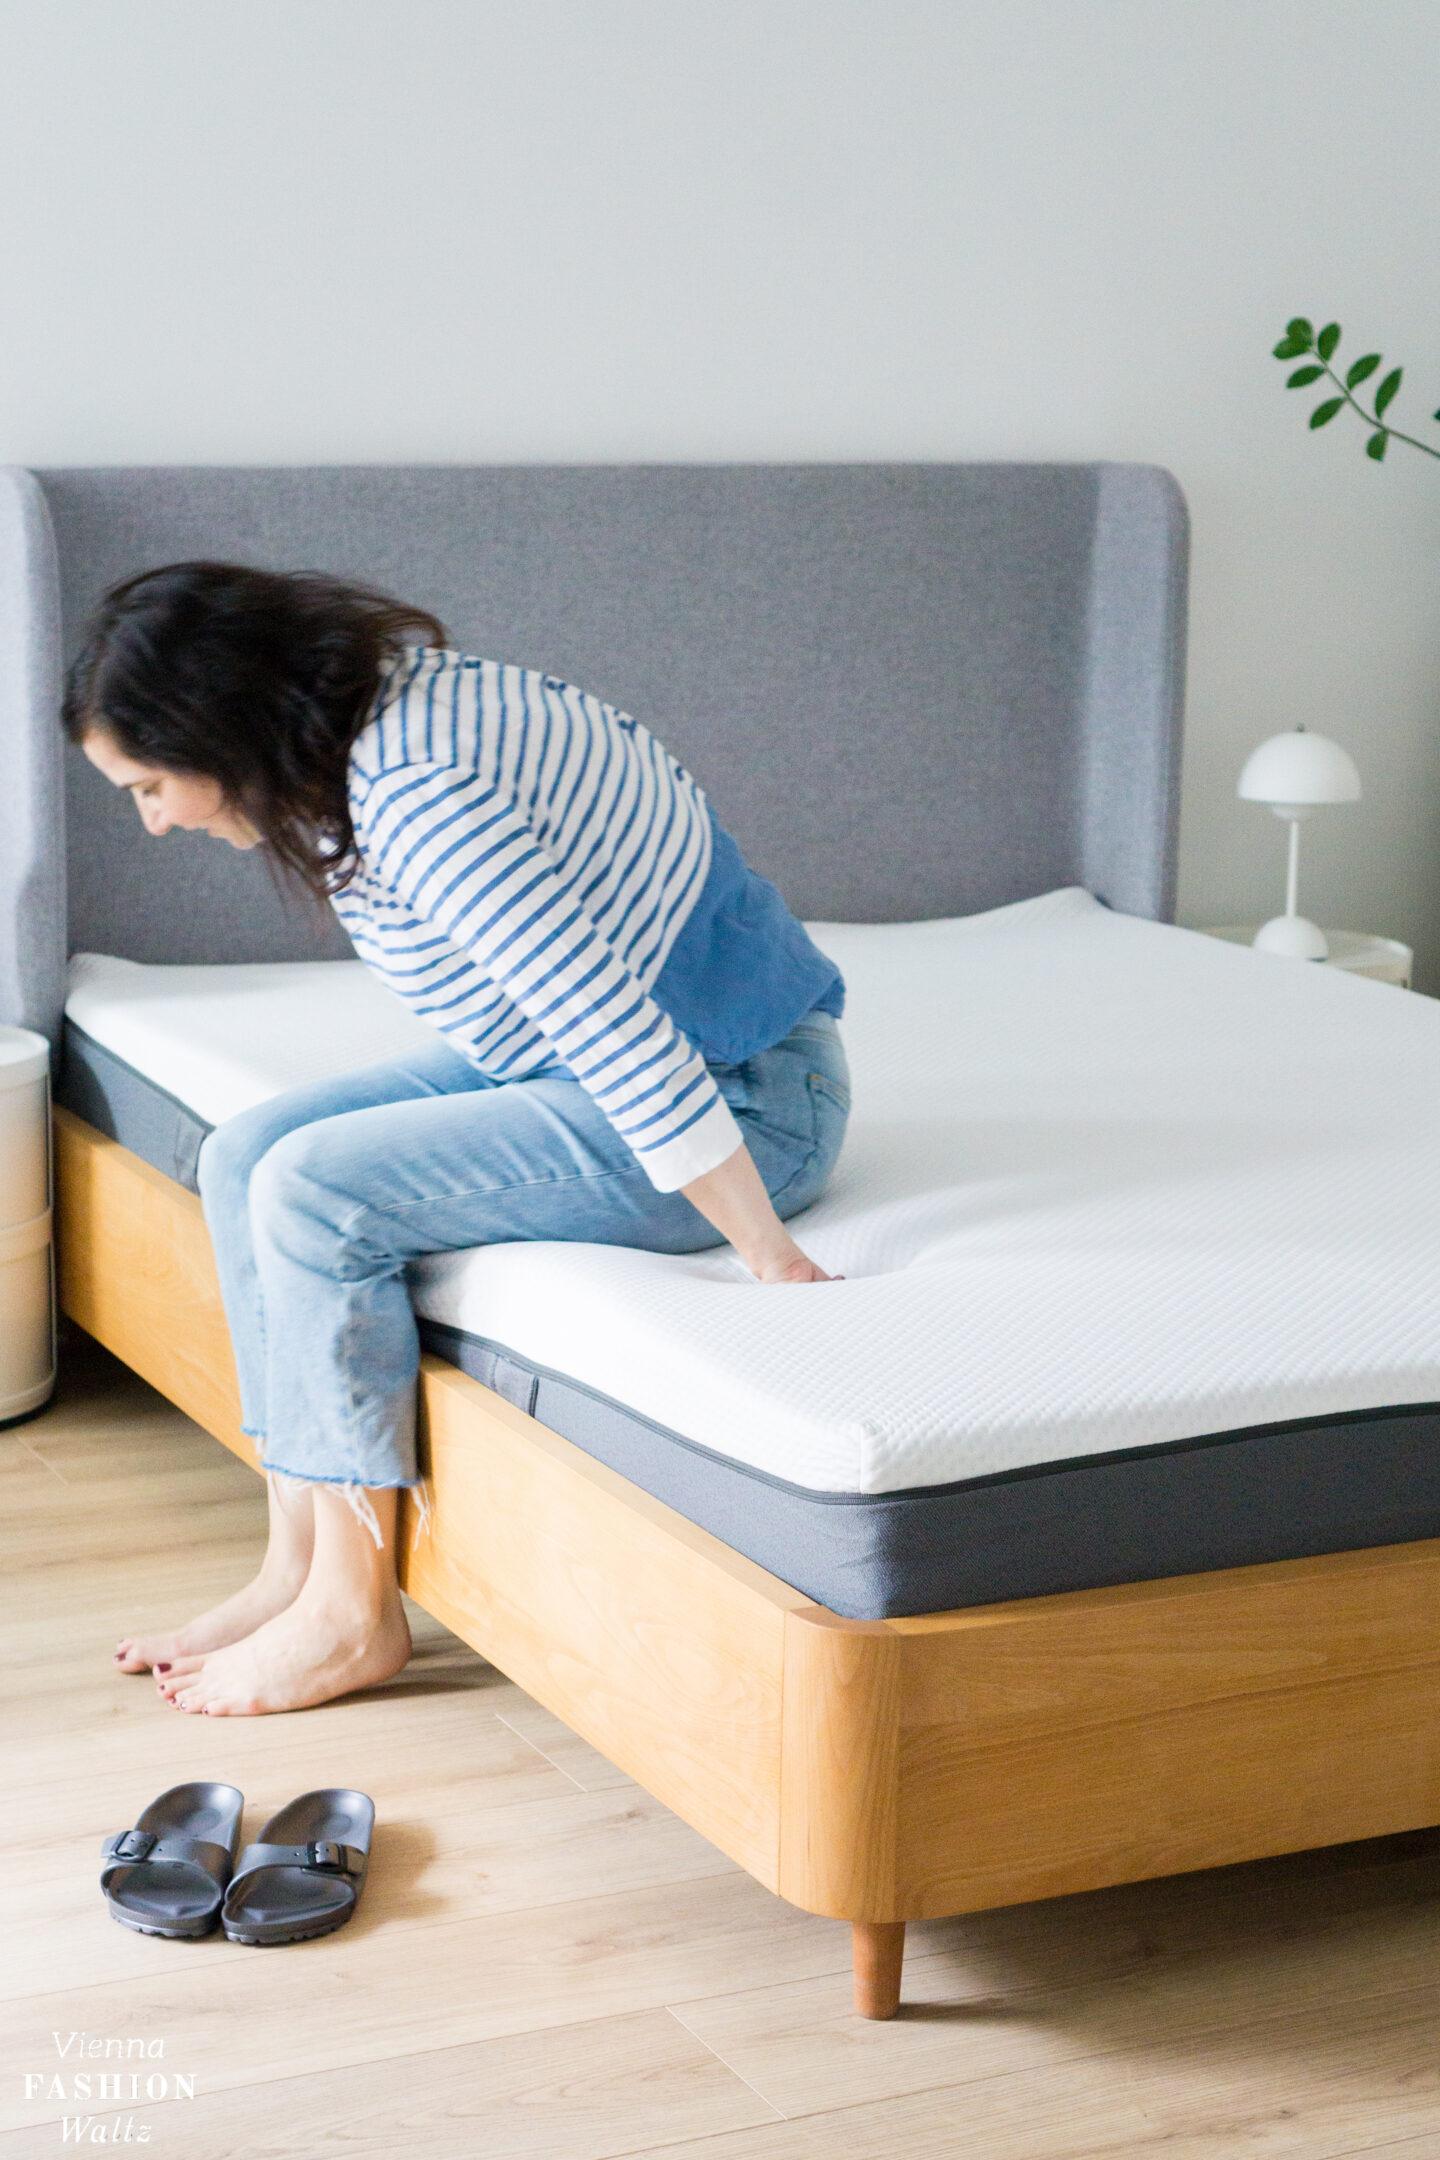 Frau sitzt auf Bett